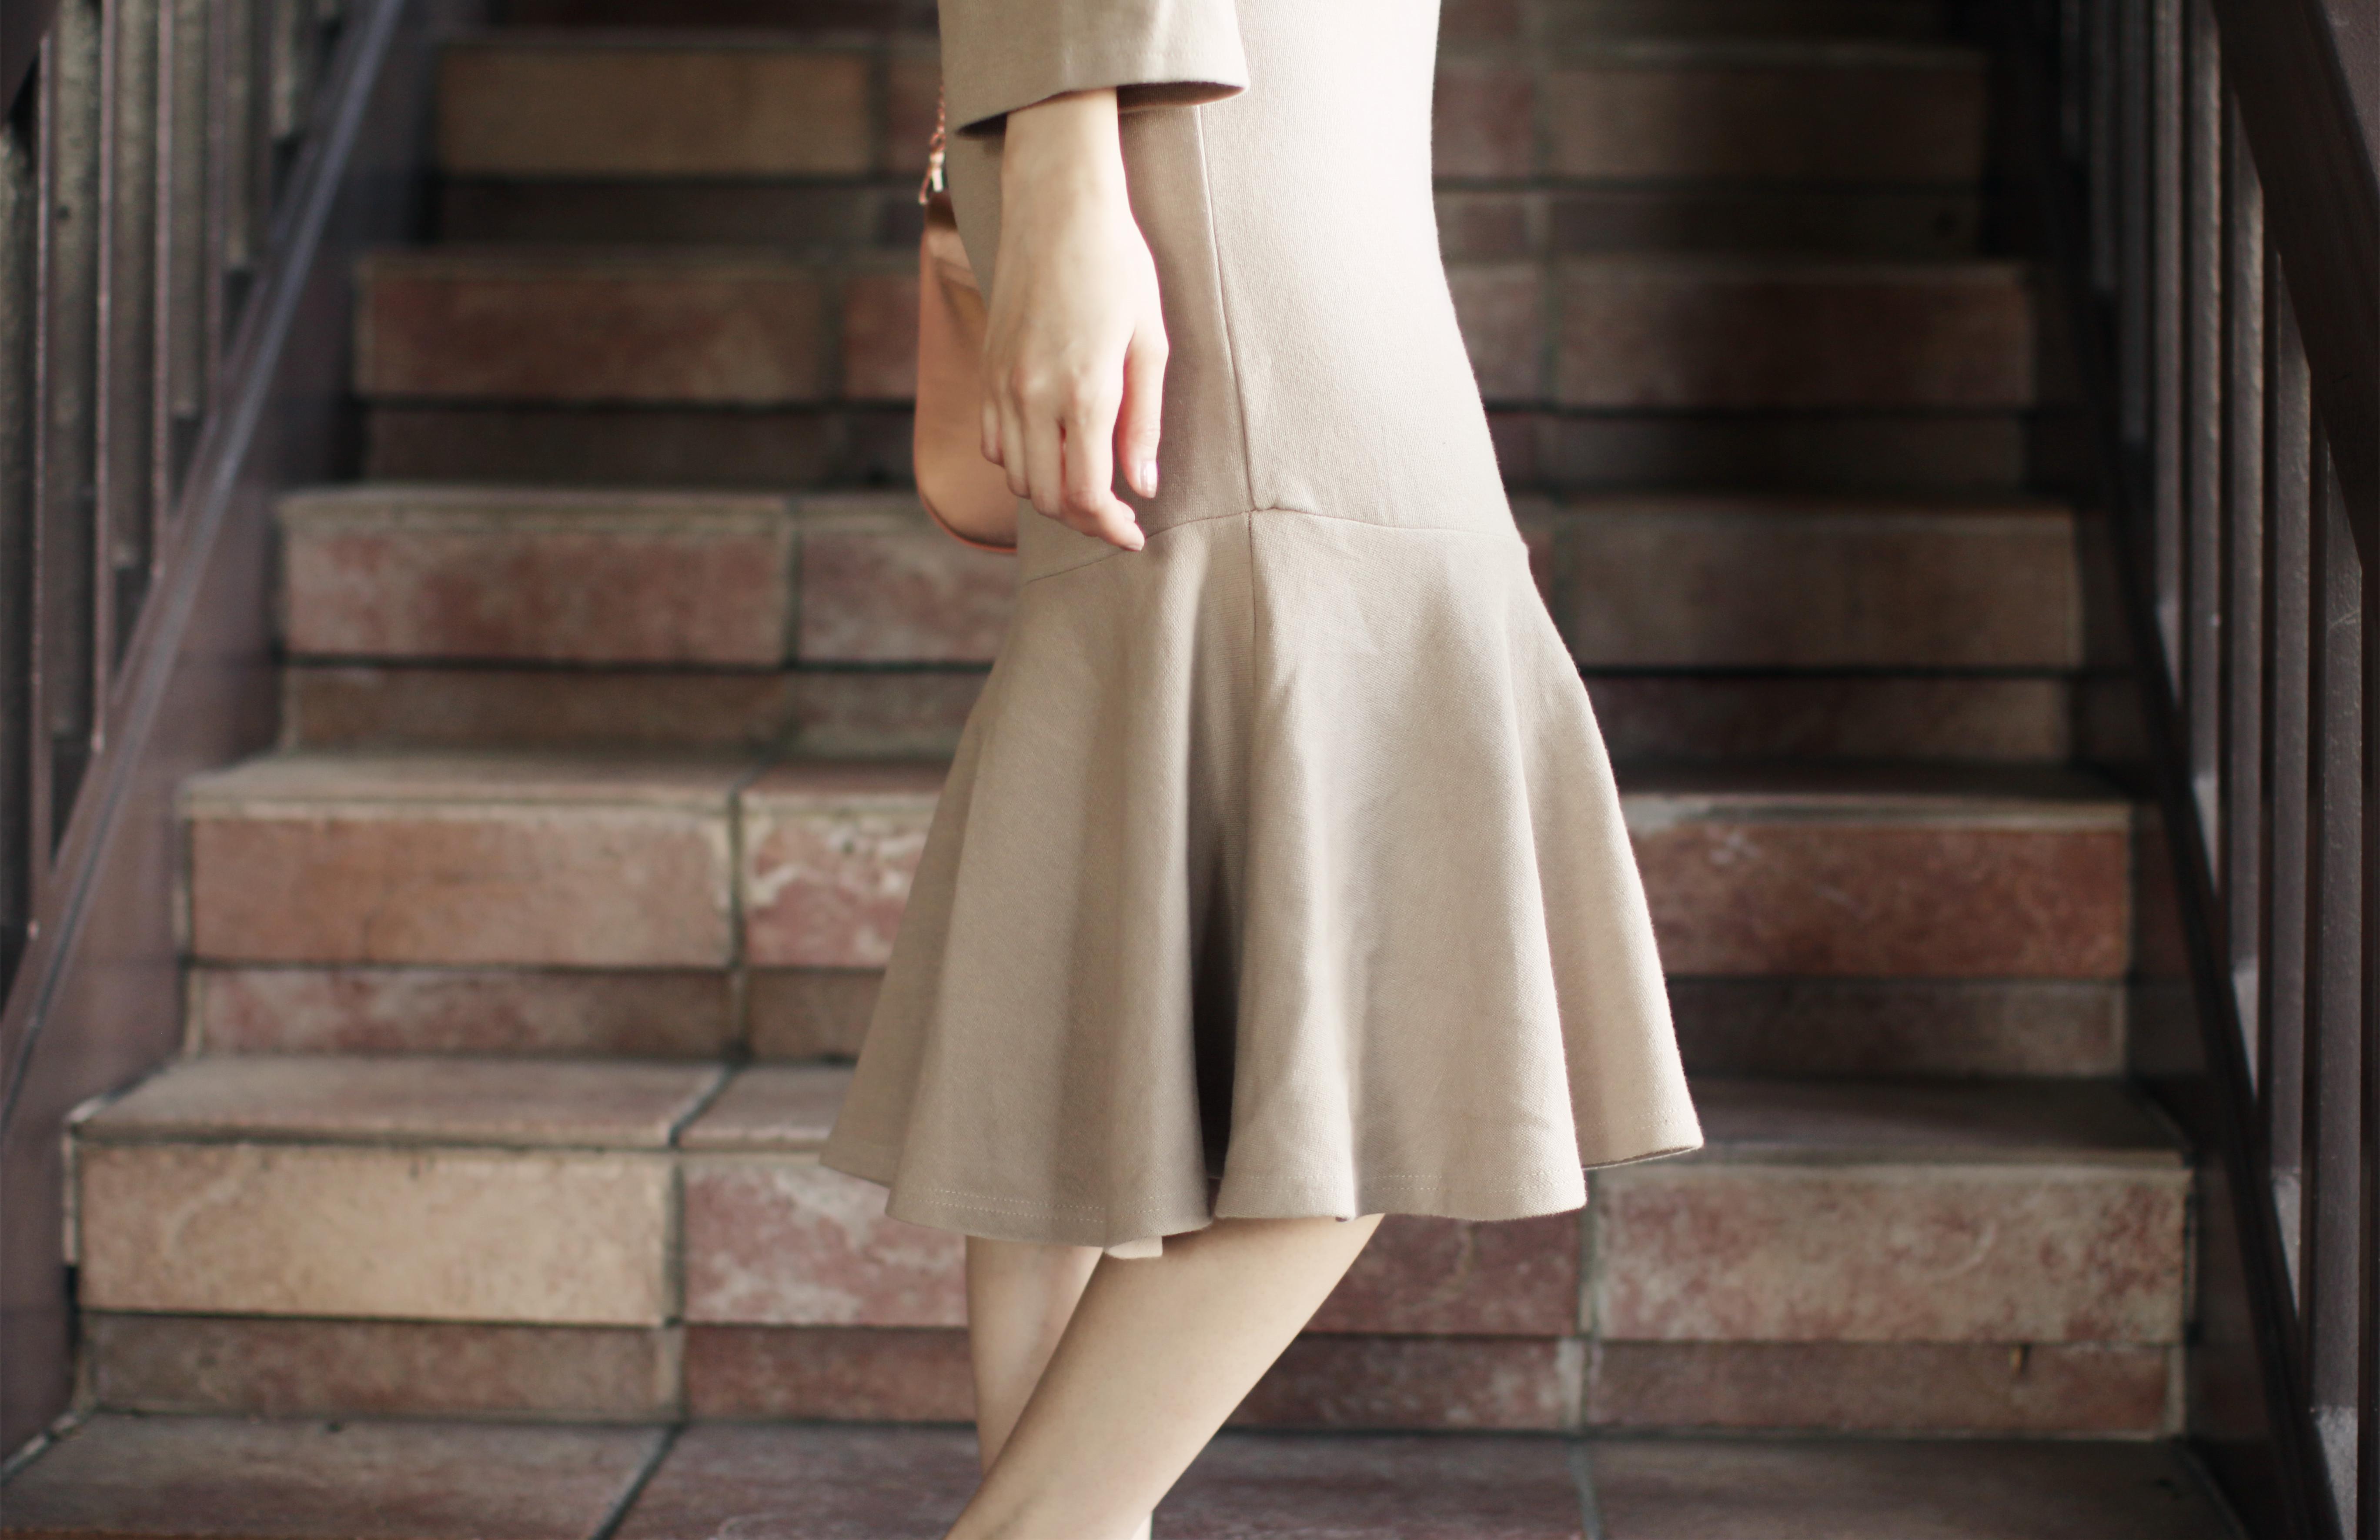 4605-ootd-fashion-style-outfitoftheday-wiwt-streetstyle-SSUMJ-SSUMJxME-adidas-tedbaker-koreanfashion-elizabeeetht-clothestoyouuu